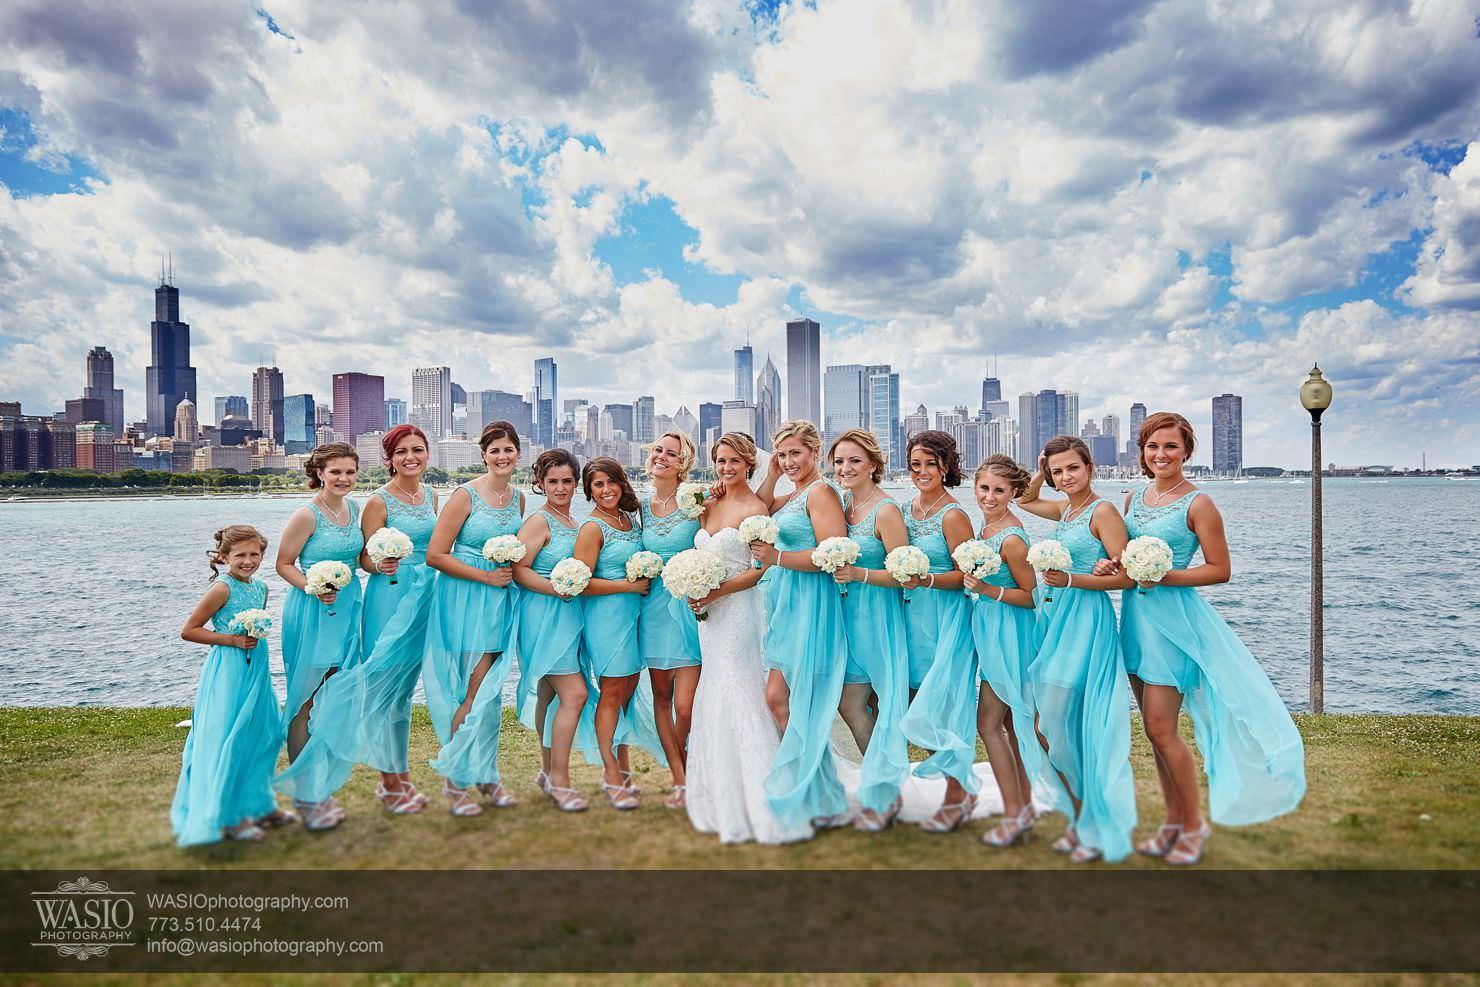 14_Chicago-Summer-Wedding_3P4C4120 Chicago Summer Wedding - Angelica & Pawel